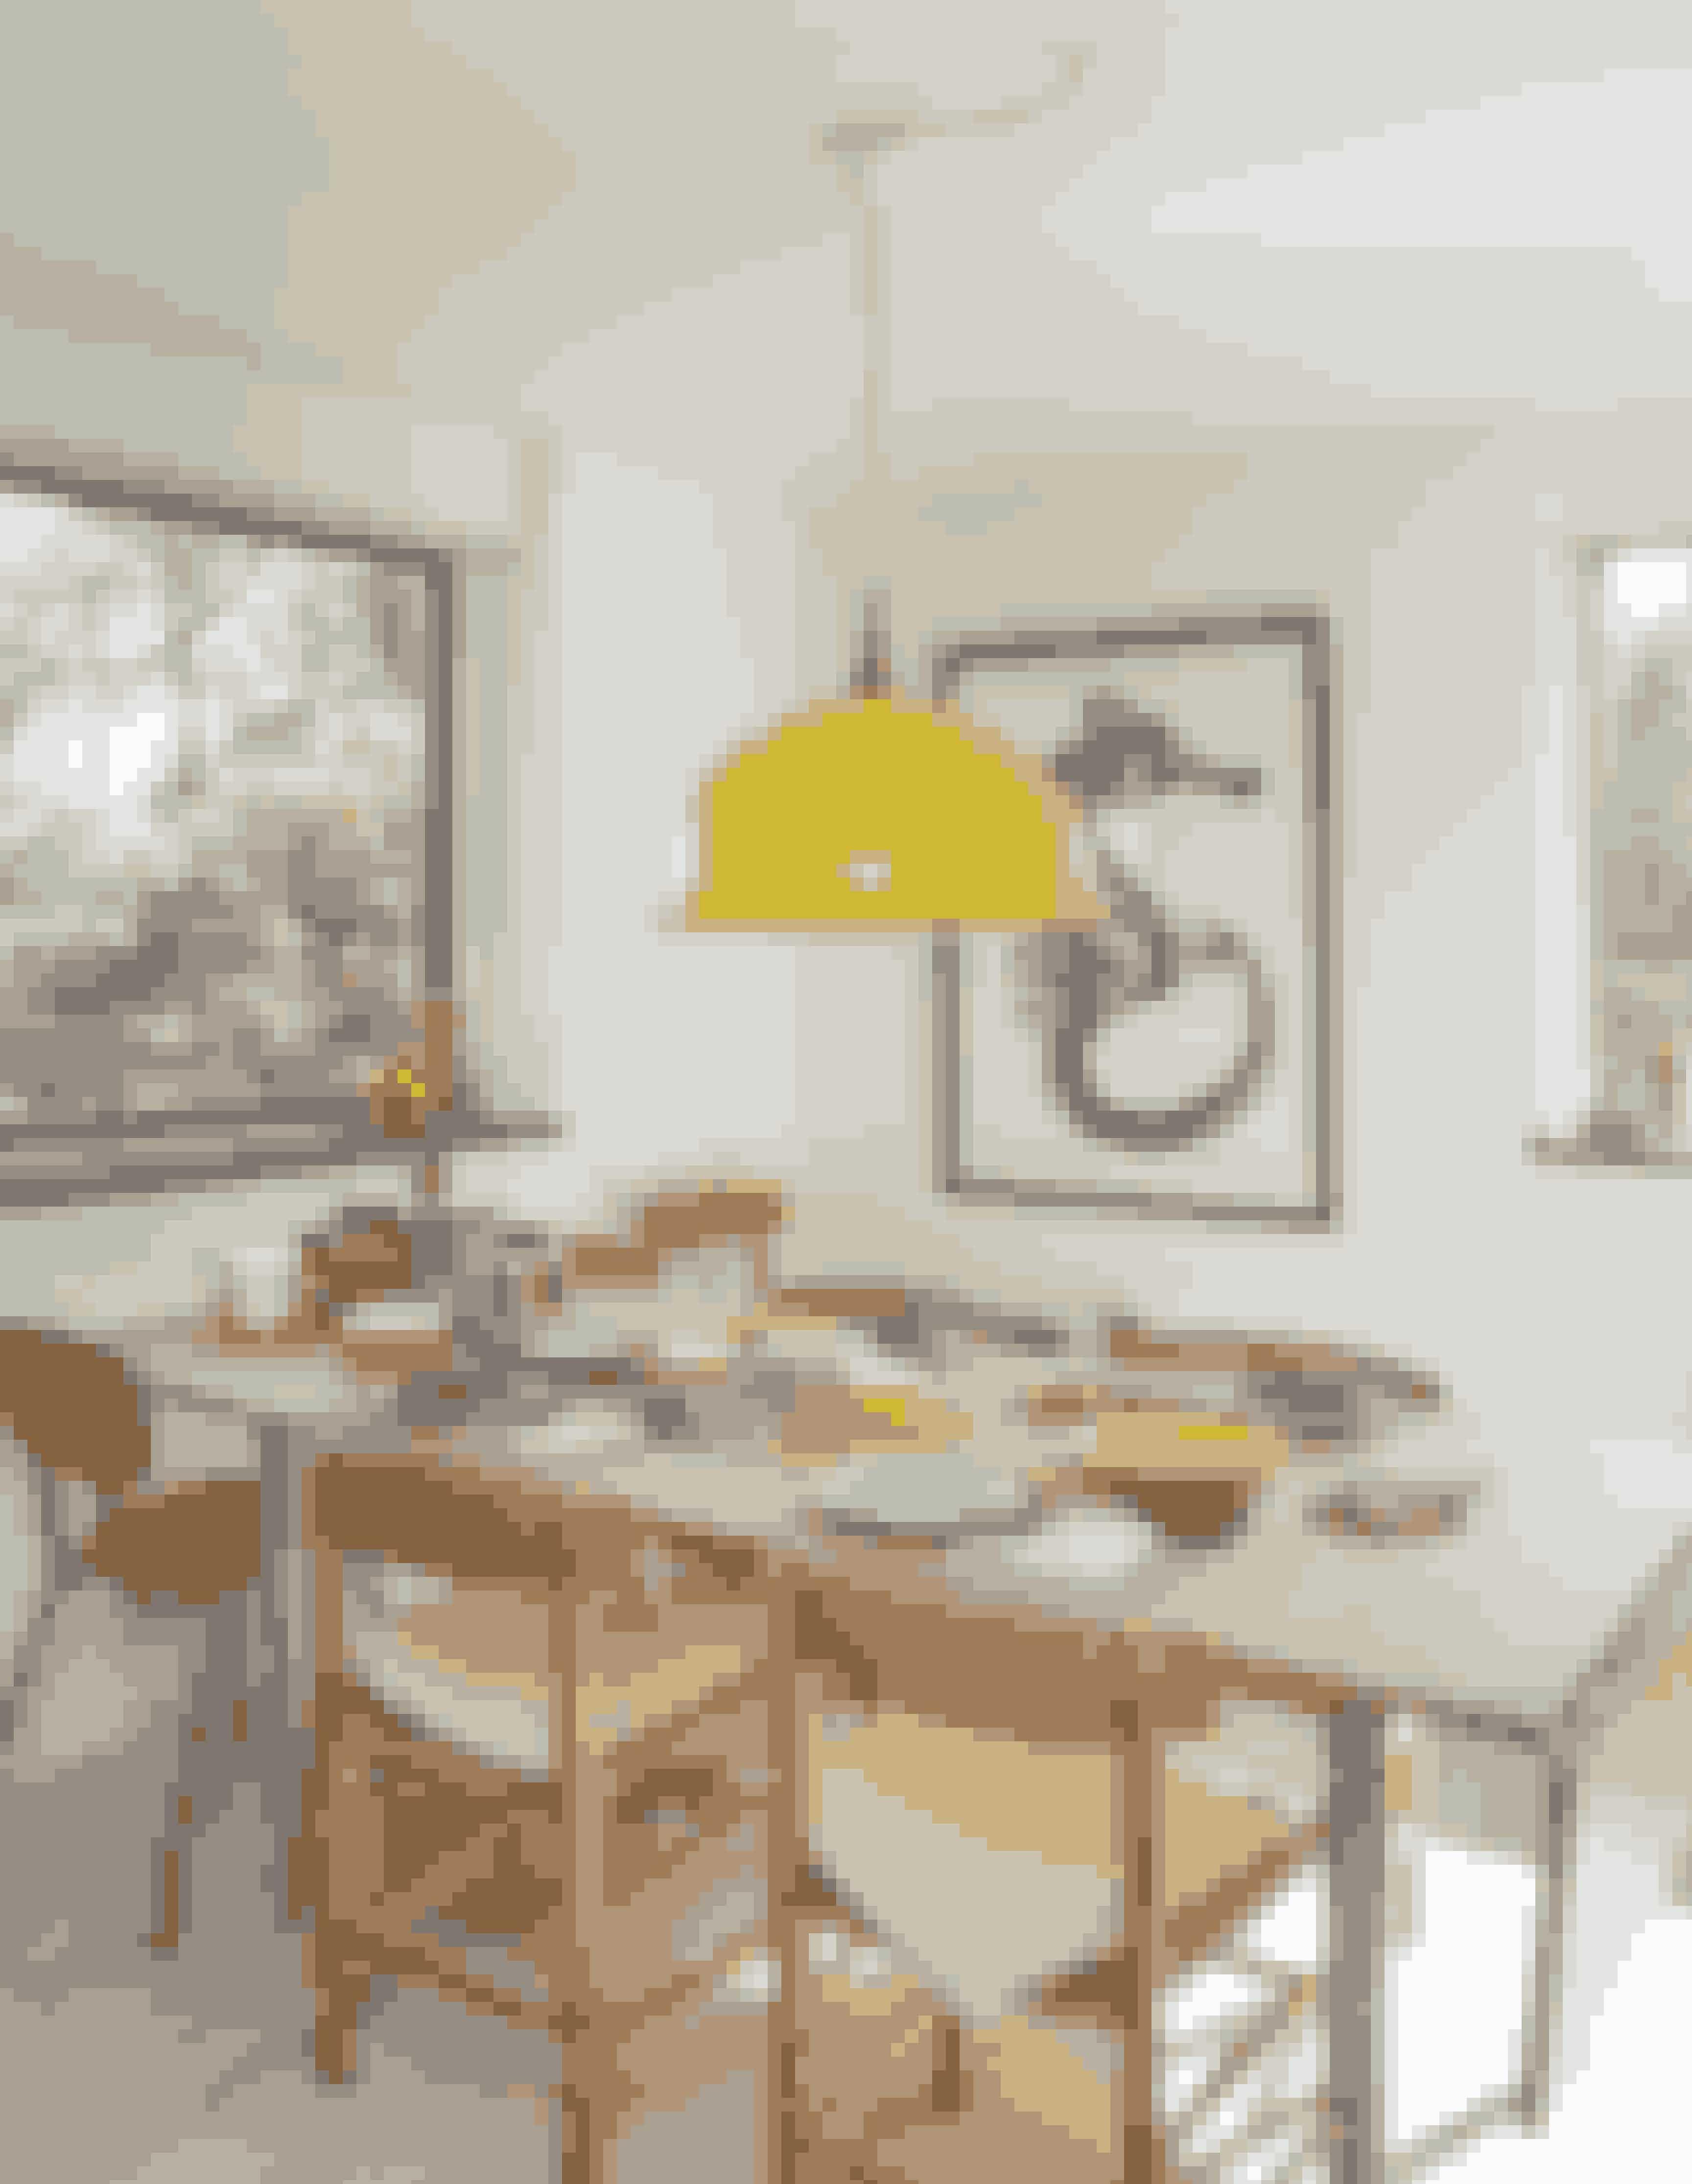 En søhestetegning lavet af Maria Dubin fanger blikket og er flot på væggen. Service på bordet er både købt og arvet. Æggebægre og smørbrætter er original plast fra Rosti, og de engelske skåle er arvestykker. Aluminias Confetti-stel skaber liv sammen med Sonja-serierne og det gule Aluminia-fad, som er et arvestykke.